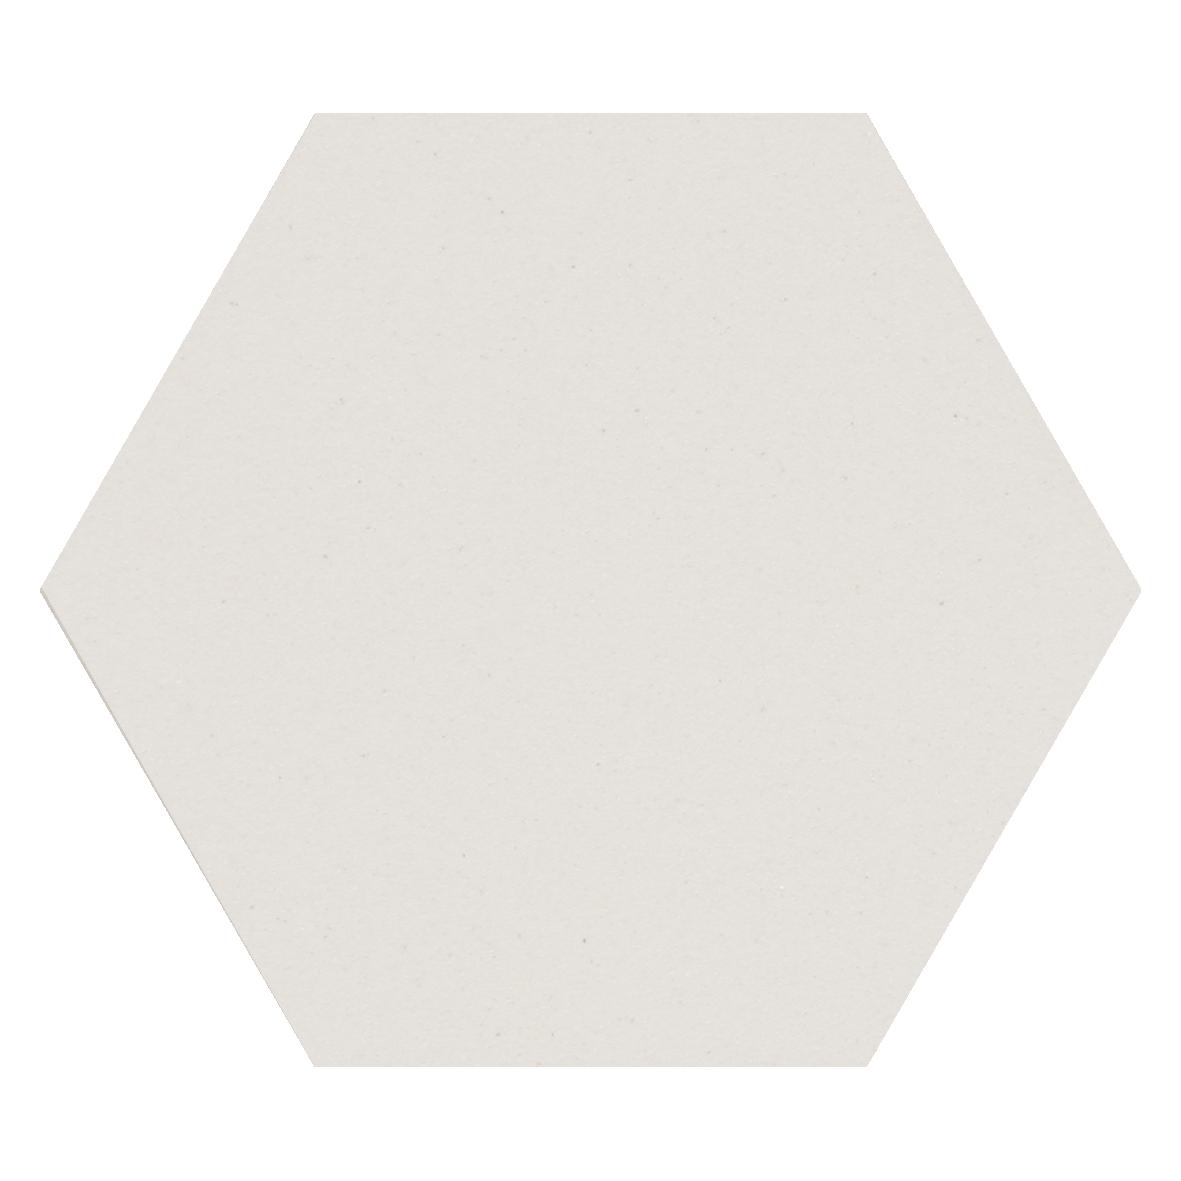 L4416HEX/1C, Natura, Valkoinen, lattia,pakkasenkesto,uimahalli,design_from_finland